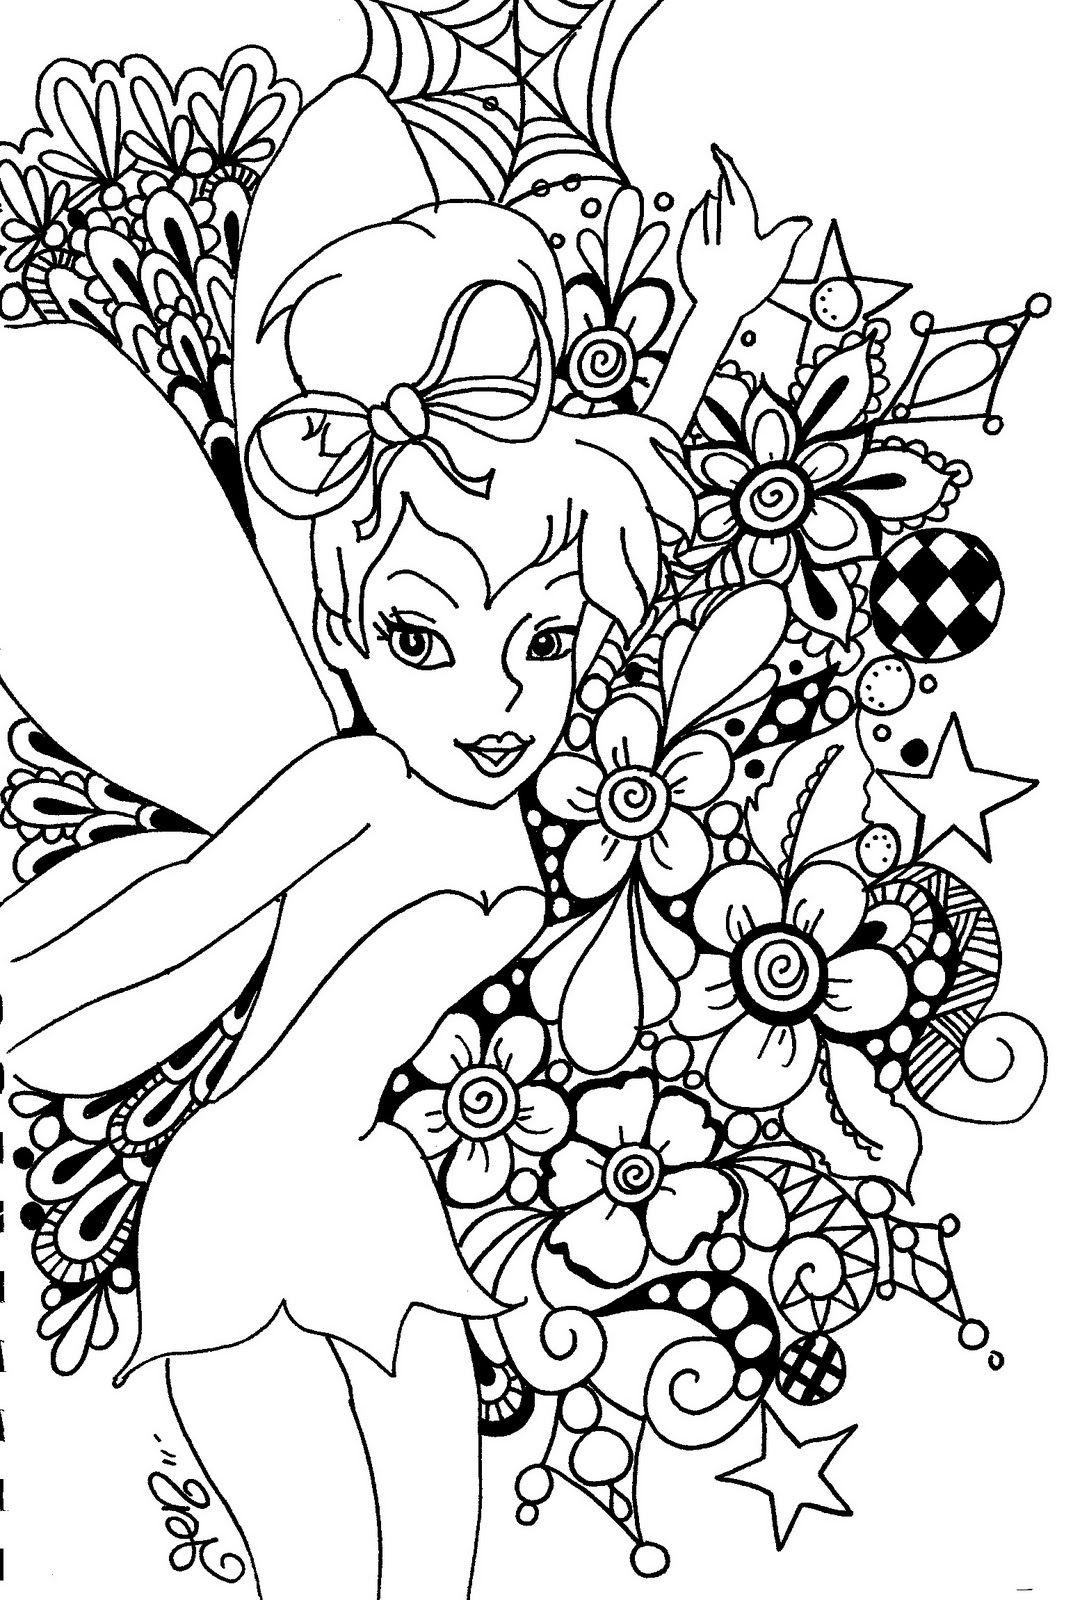 Coloring Pages Online To Color Duam